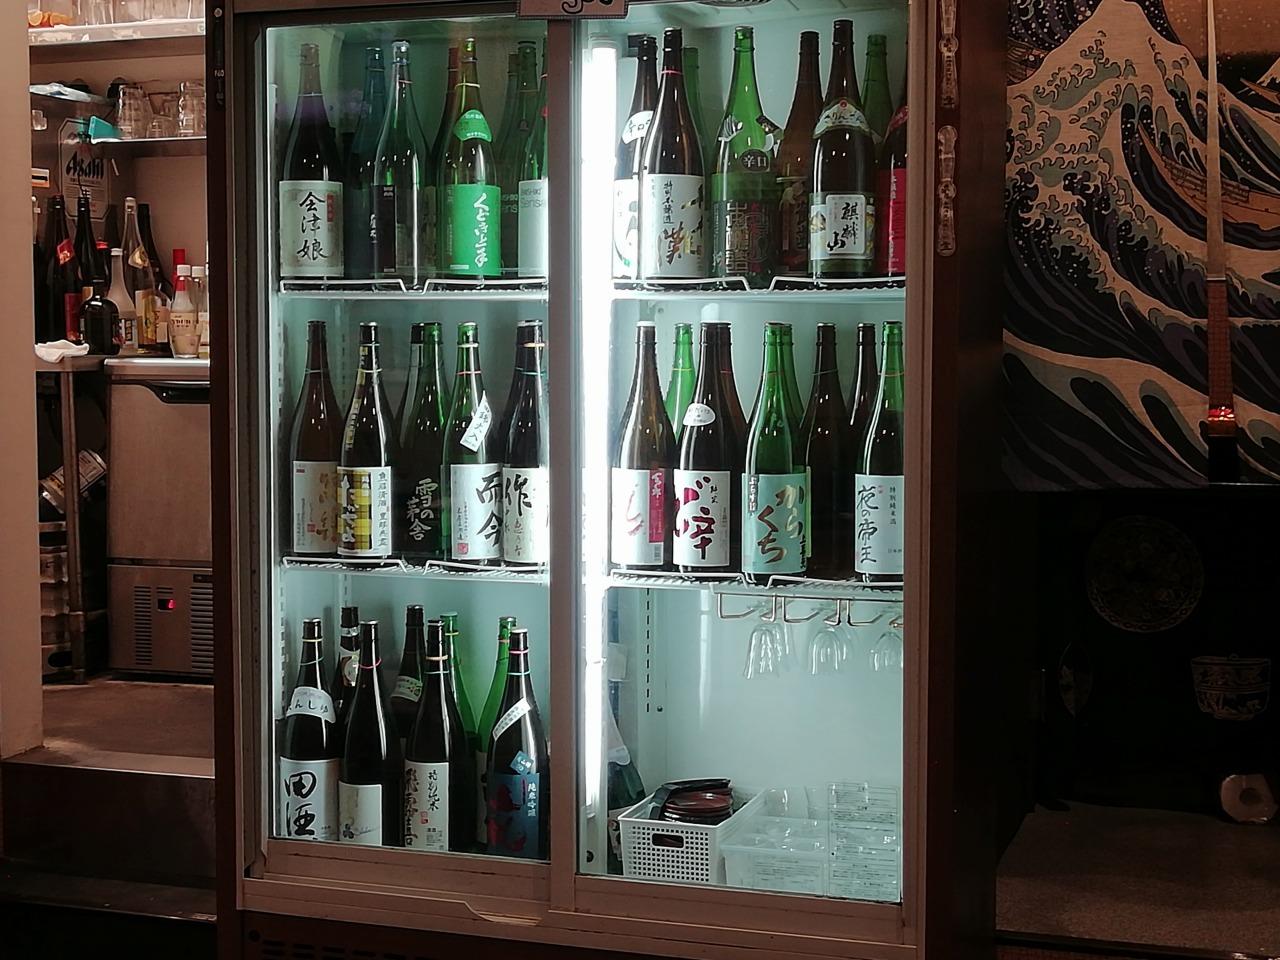 綱島上ル食堂の日本酒